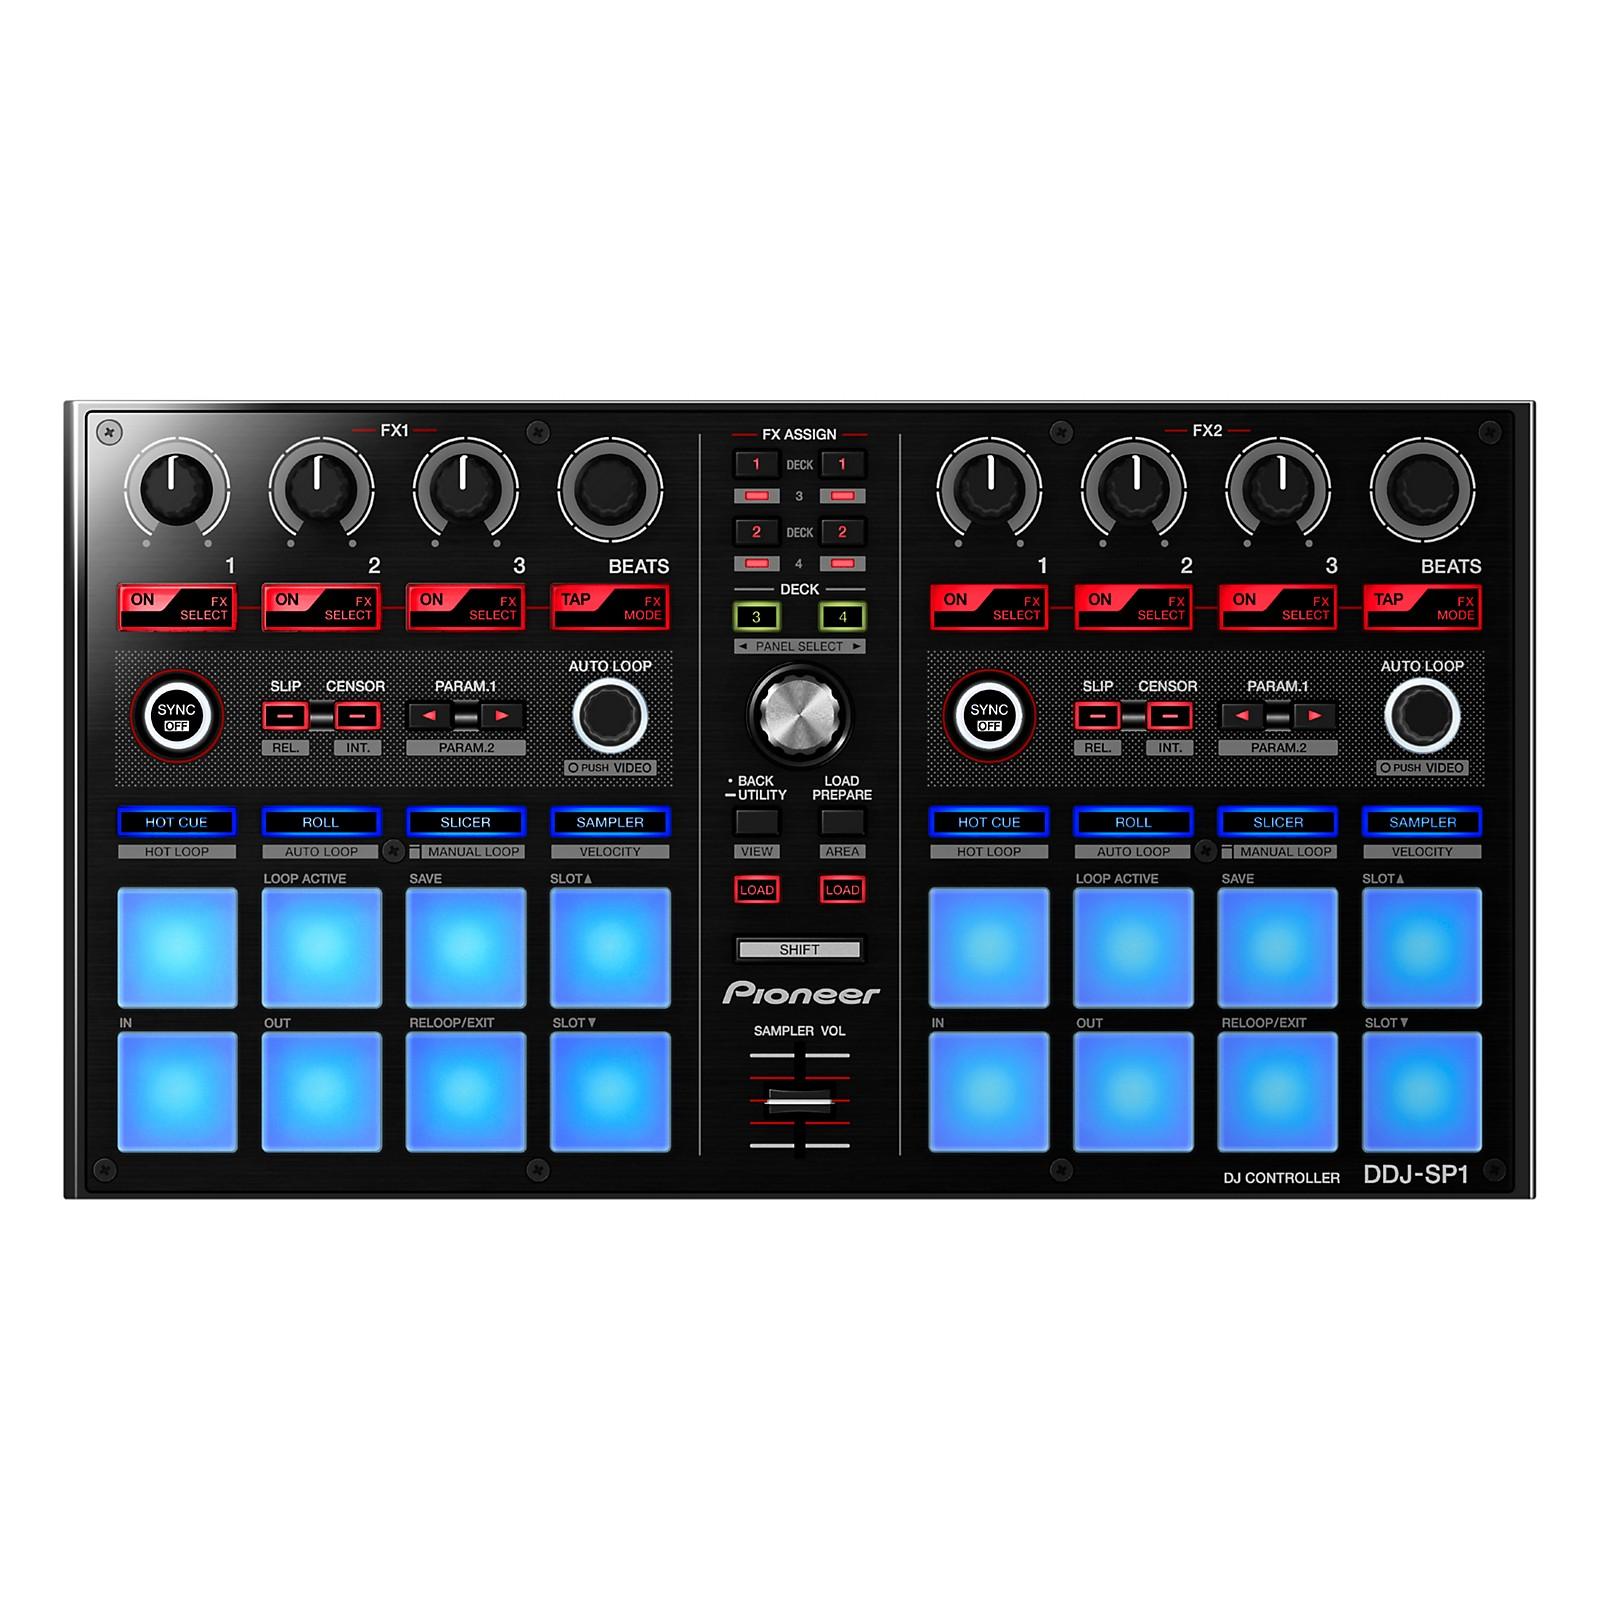 Open Box Pioneer DDJ-SP1 controller for Serato DJ